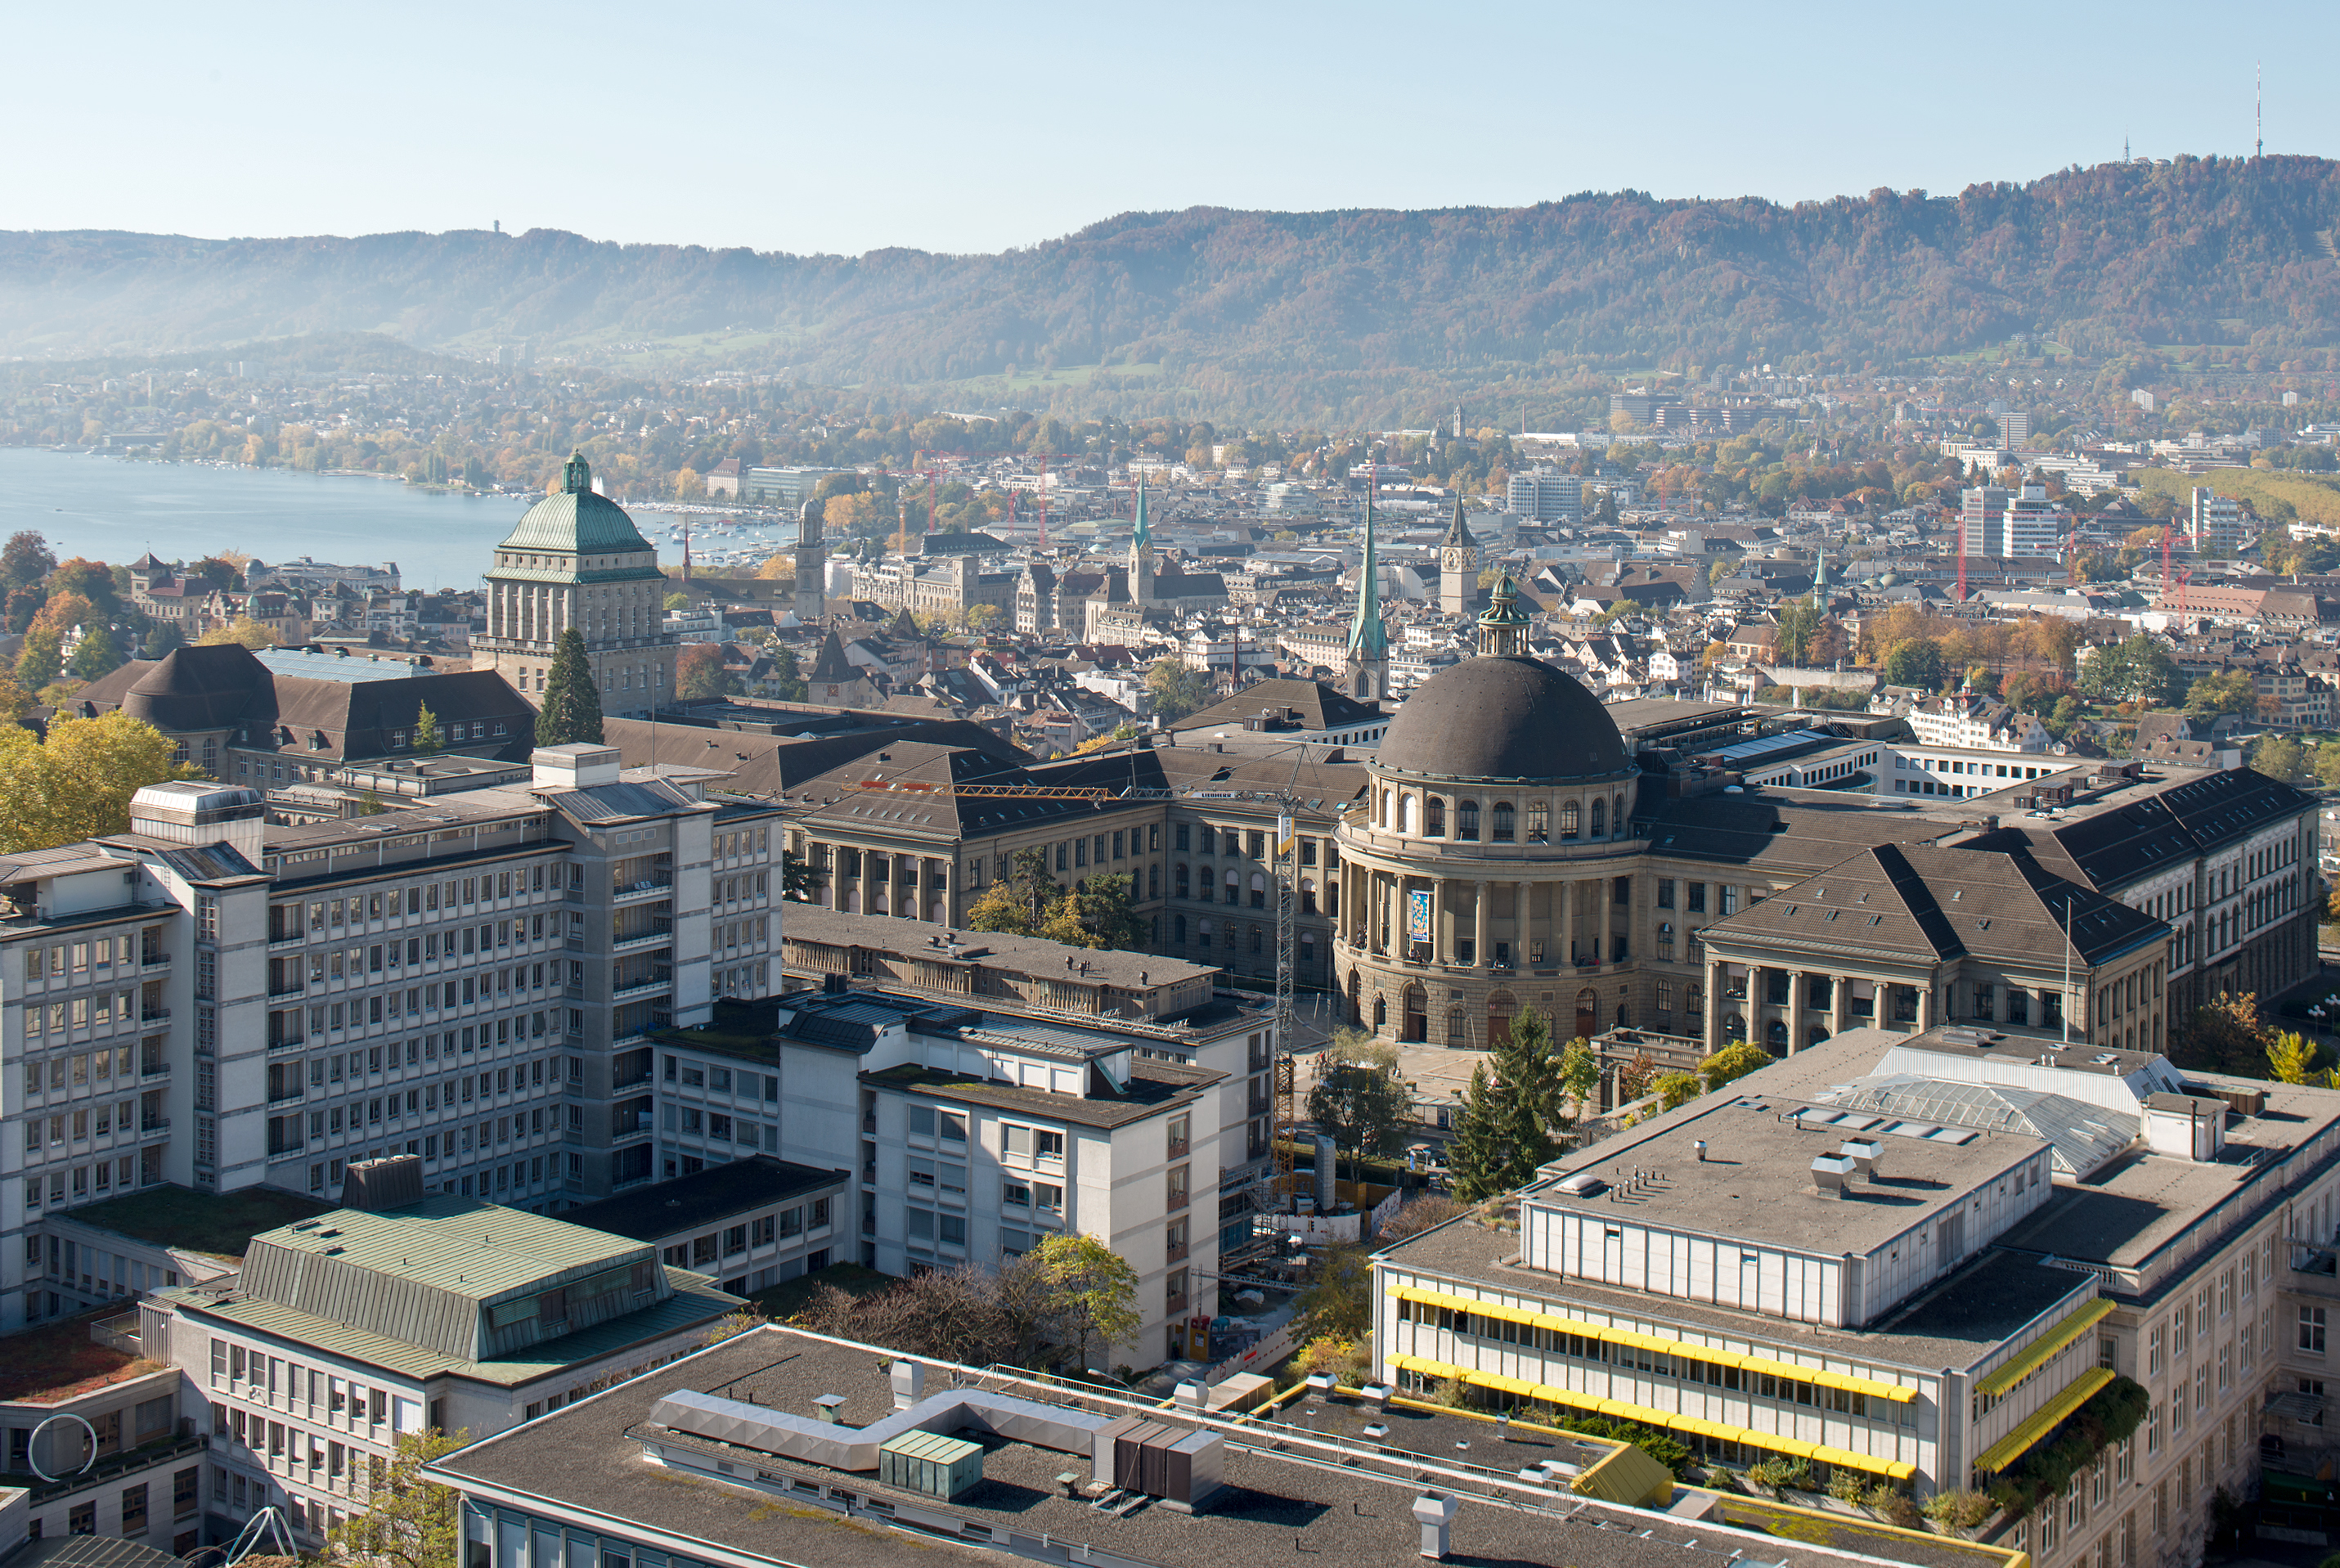 Führung durch das Hochschulgebiet - Stadt Zürich